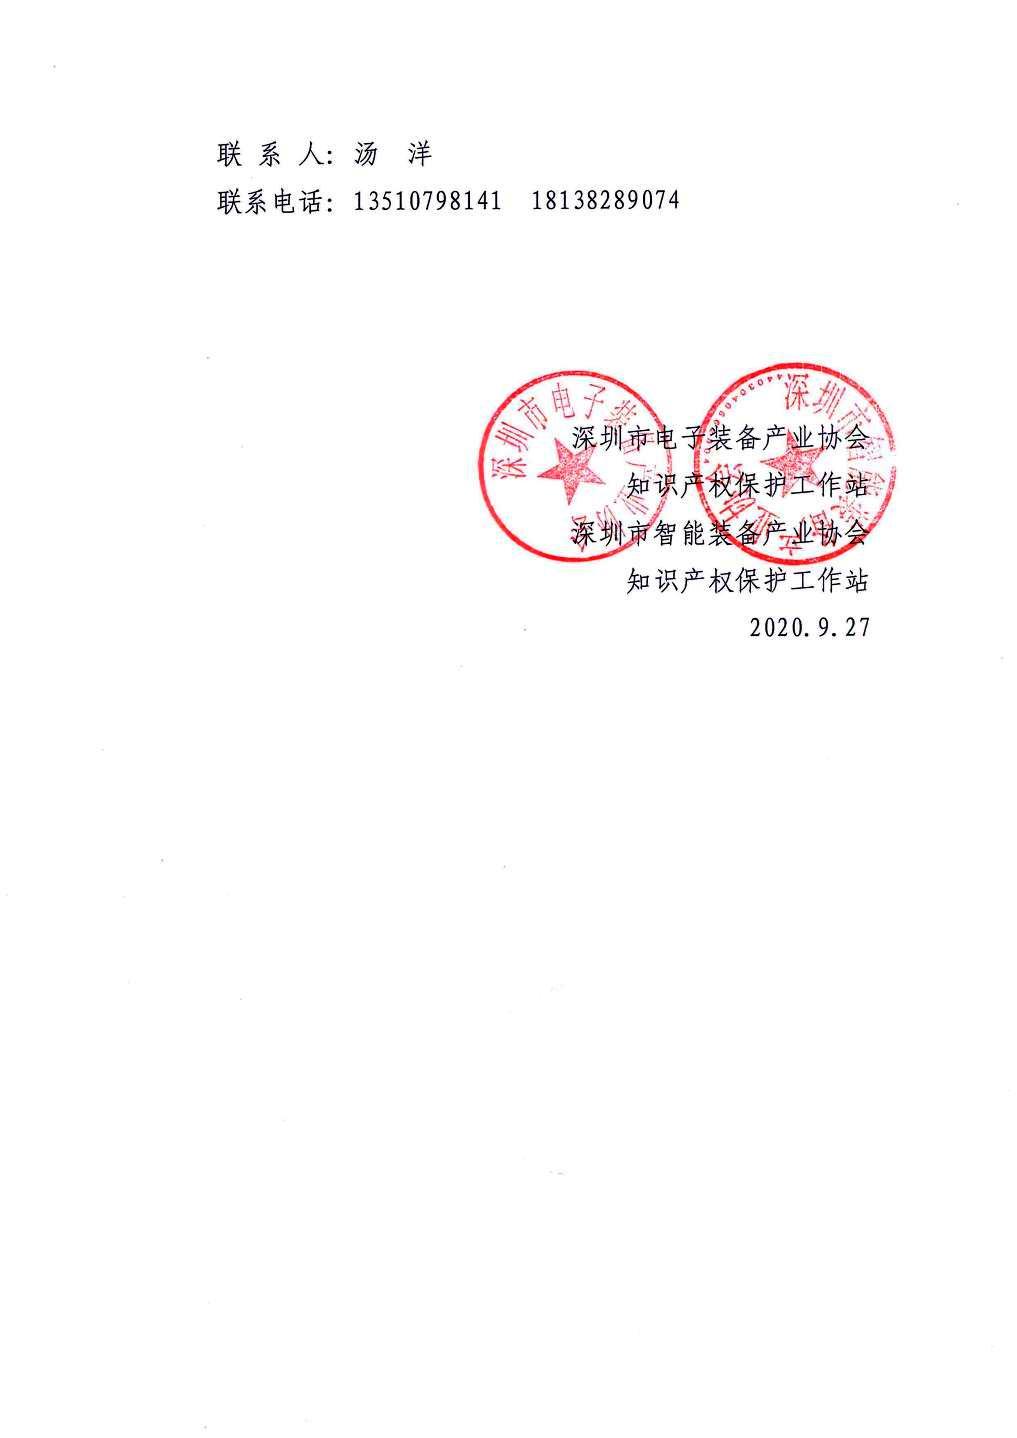 关于转发广东省知识产权保护中心邀请创新主体参加国际知识产权保护线上巡回演讲活动的通知(图2)